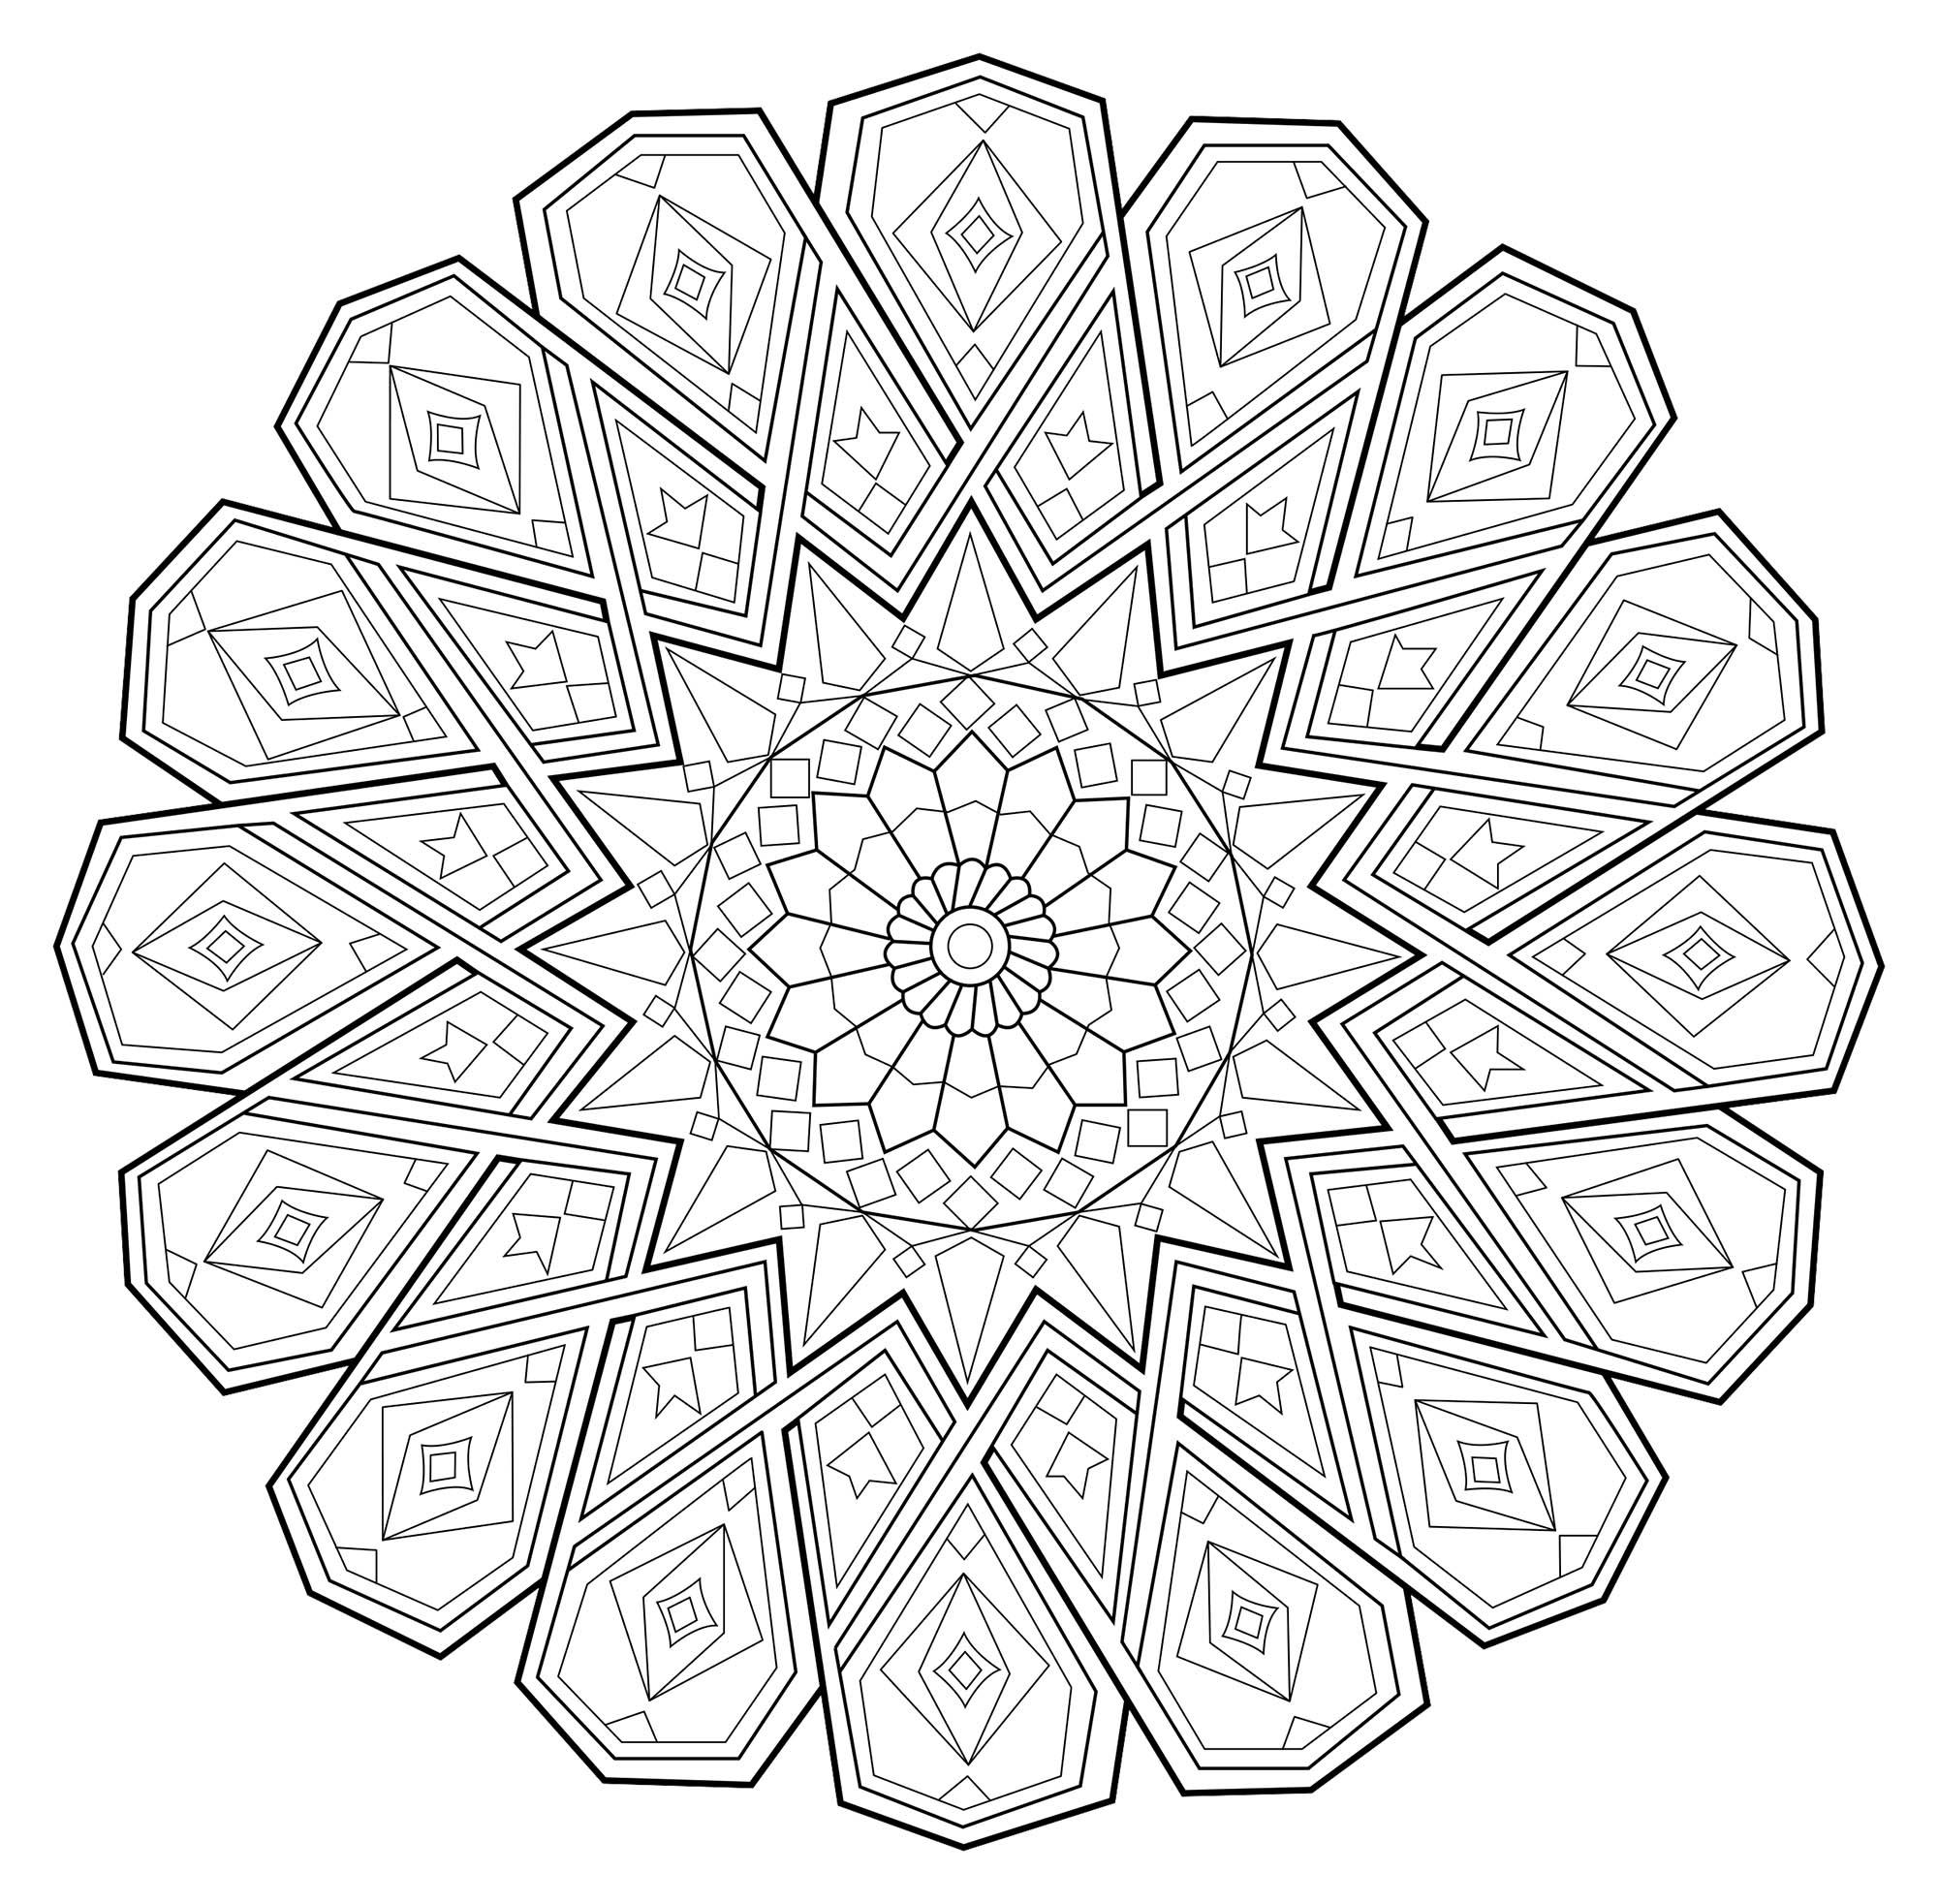 Disegni da colorare per adulti : Mandalas - 233